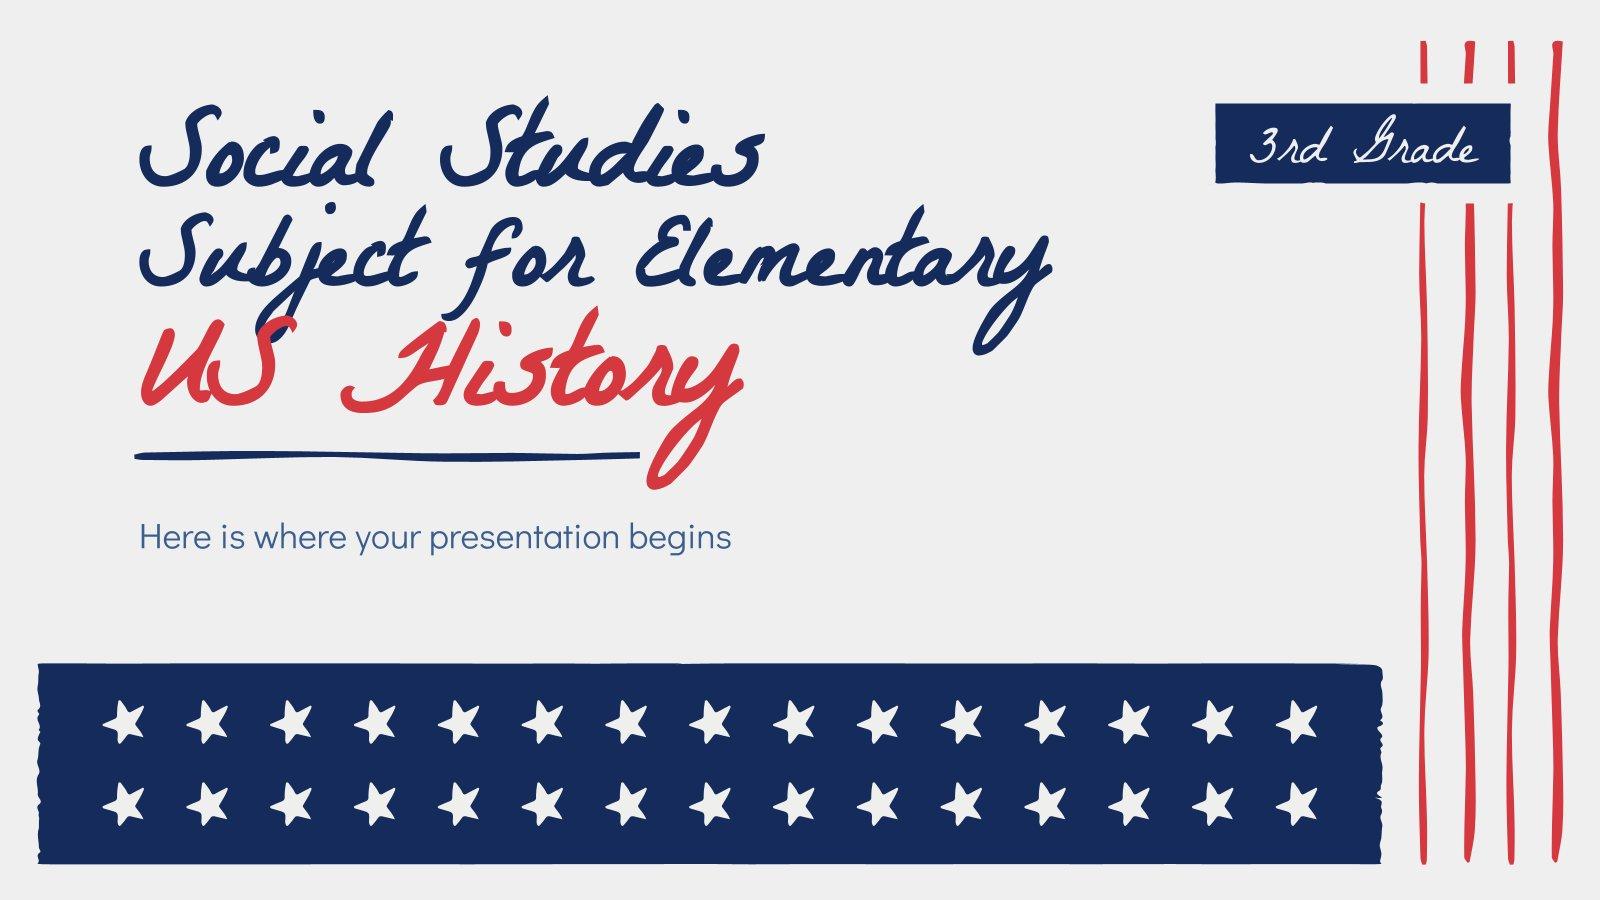 Modelo de apresentação Estudos sociais para o ensino básico: História dos EUA